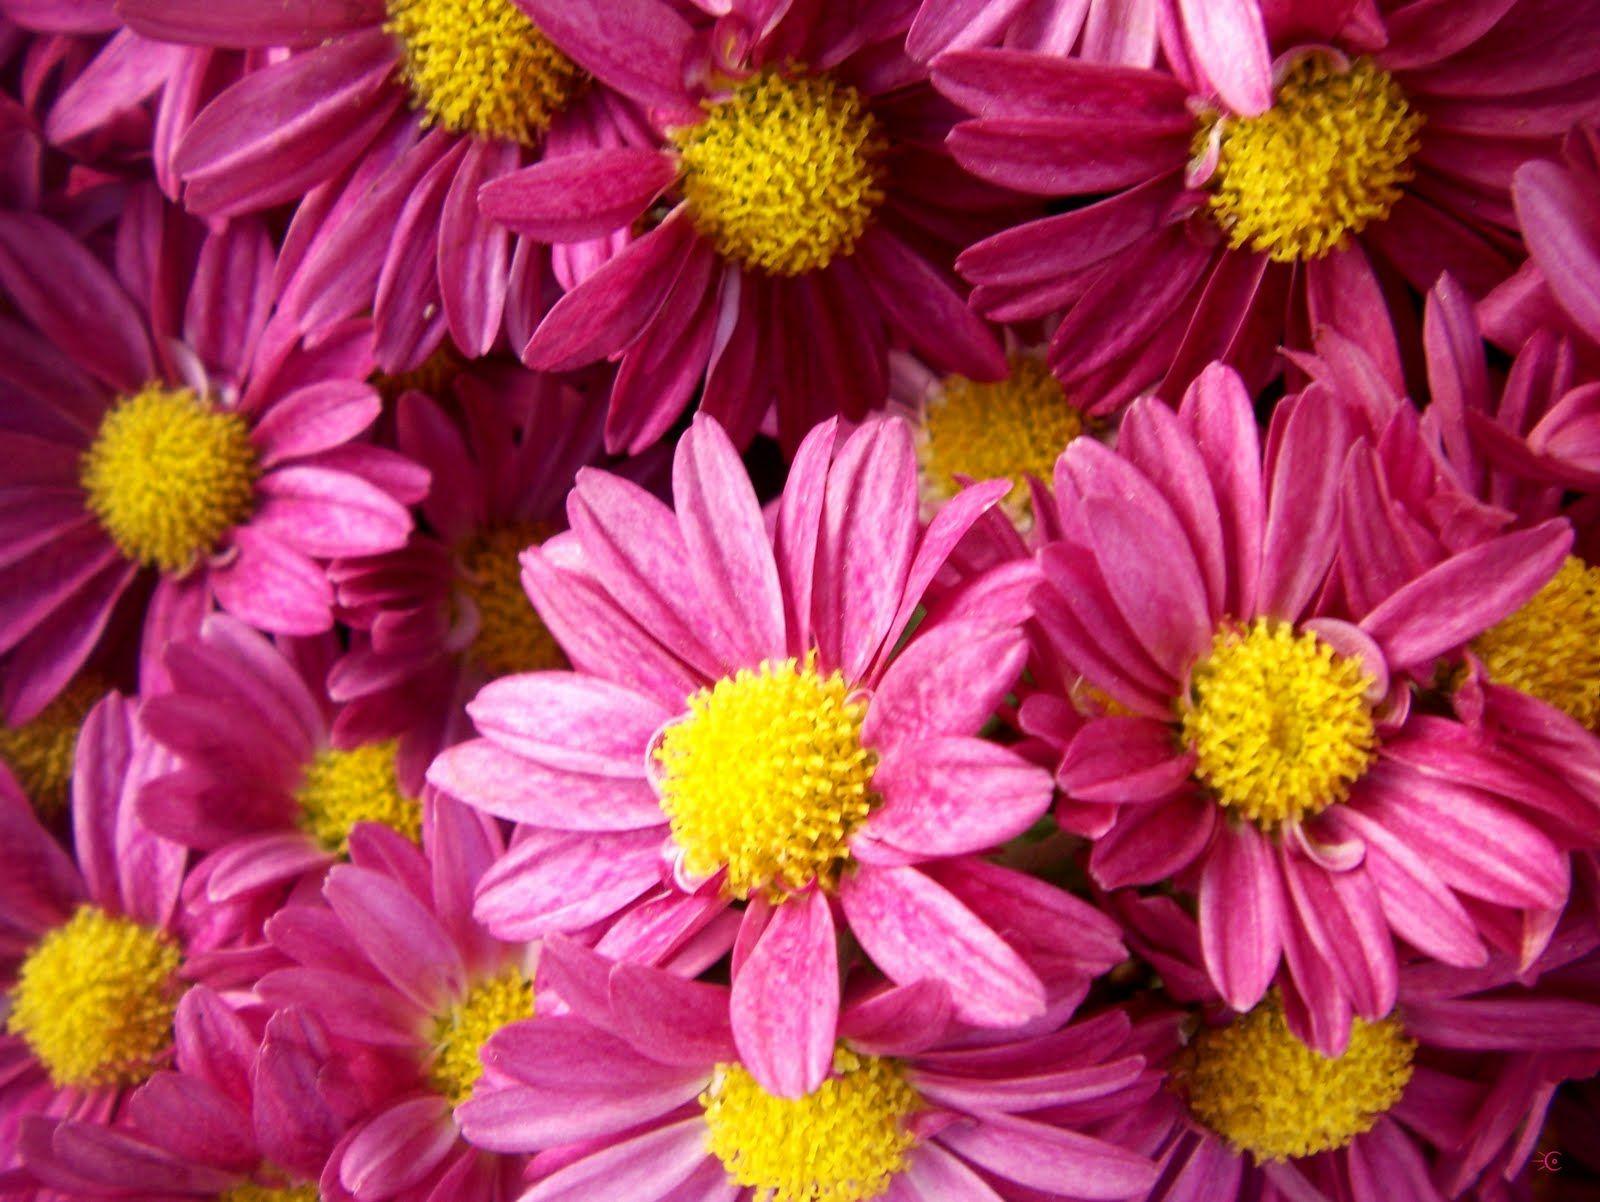 Margaritas de color rosa | <3 Flores (flowers) <3 | Pinterest | Flowers